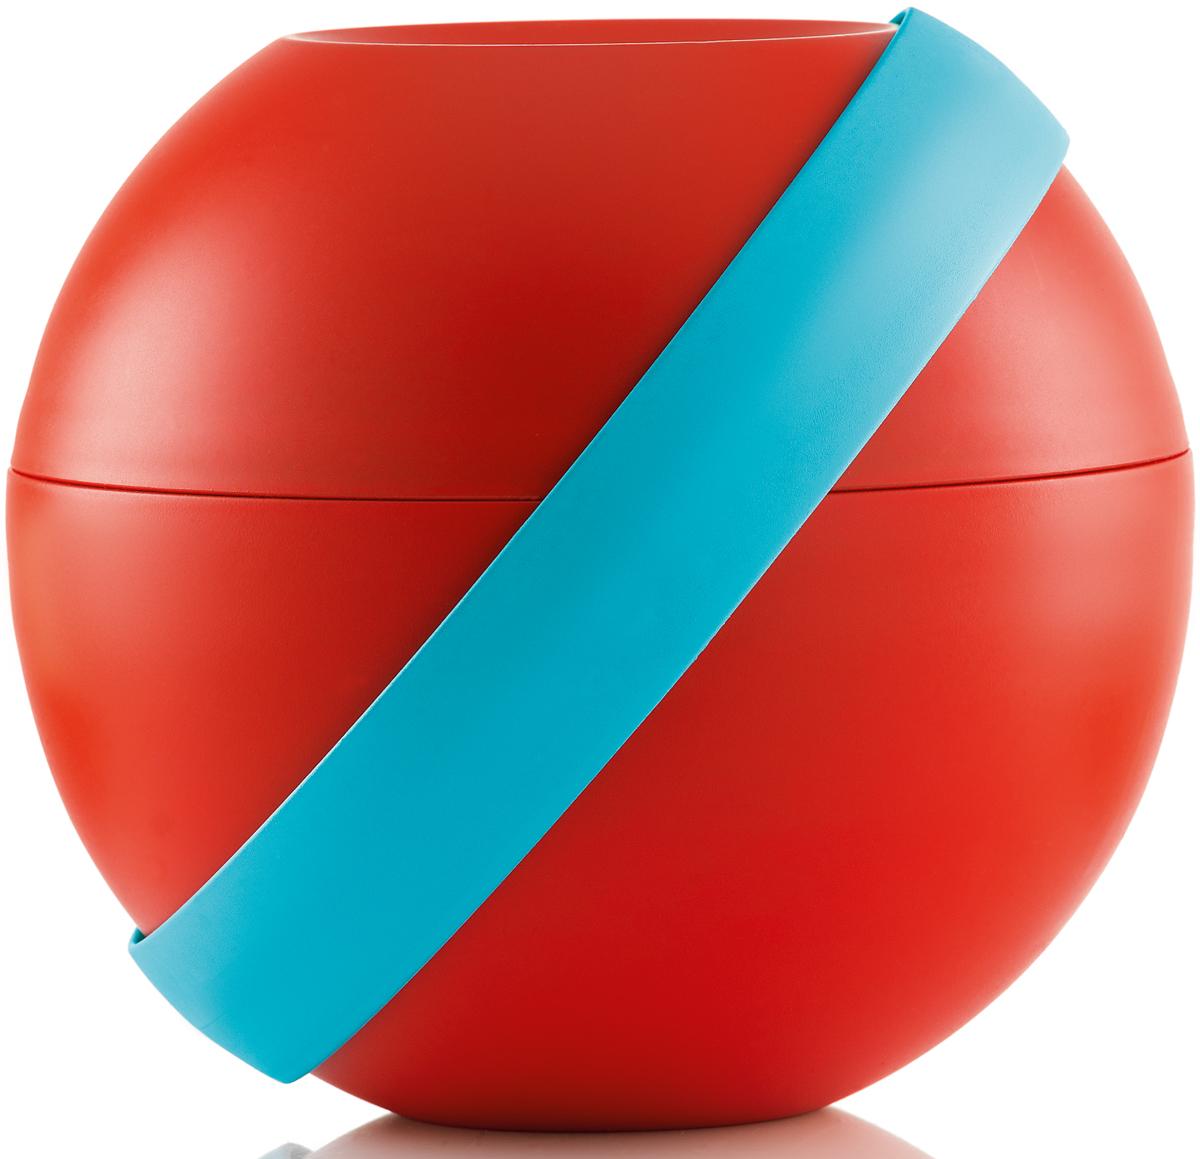 Ланч-бокс для салатов Guzzini Zero Chilled, цвет: красный,  мл + 780 мл100101164Ланч-бокс Zero Chilled является продолжением знаменитой линейки дизайнерских объектов от Guzzini, форма которых представляет собой шар. Он создан специально для тех, кто любит перекусить на ходу и хочет получать полезные вещества и ингредиенты, даже если находится в дороге. Он состоит из двух герметичных и вместительных чаш с крышкой, между которыми помещаются столовые приборы и охлаждающий элемент с отверстием для йогурта в центре. При желании пластиковые вилка и ложка соединяются в удобные щипцы для салата.Ланч-бокс открывается и закрывается с помощью стильной ручки-пояса, которая также может менять свое положение. Когда пояс расположен вертикально, ланч-бокс закрыт и готов для транспортировки. Если нужно поставить его на поверхность, то наклоните ручку немного вбок, а для открытия приведите в горизонтальное положение. Ланч-бокс отлично подойдет для салатов, легких закусок, орехов и фруктов. Объем верхней чаши -  мл. Нижней - 780 мл. Не содержит вредных примесей и бисфенола-А. Можно мыть в посудомоечной машине. Не использовать в микроволновой печи.